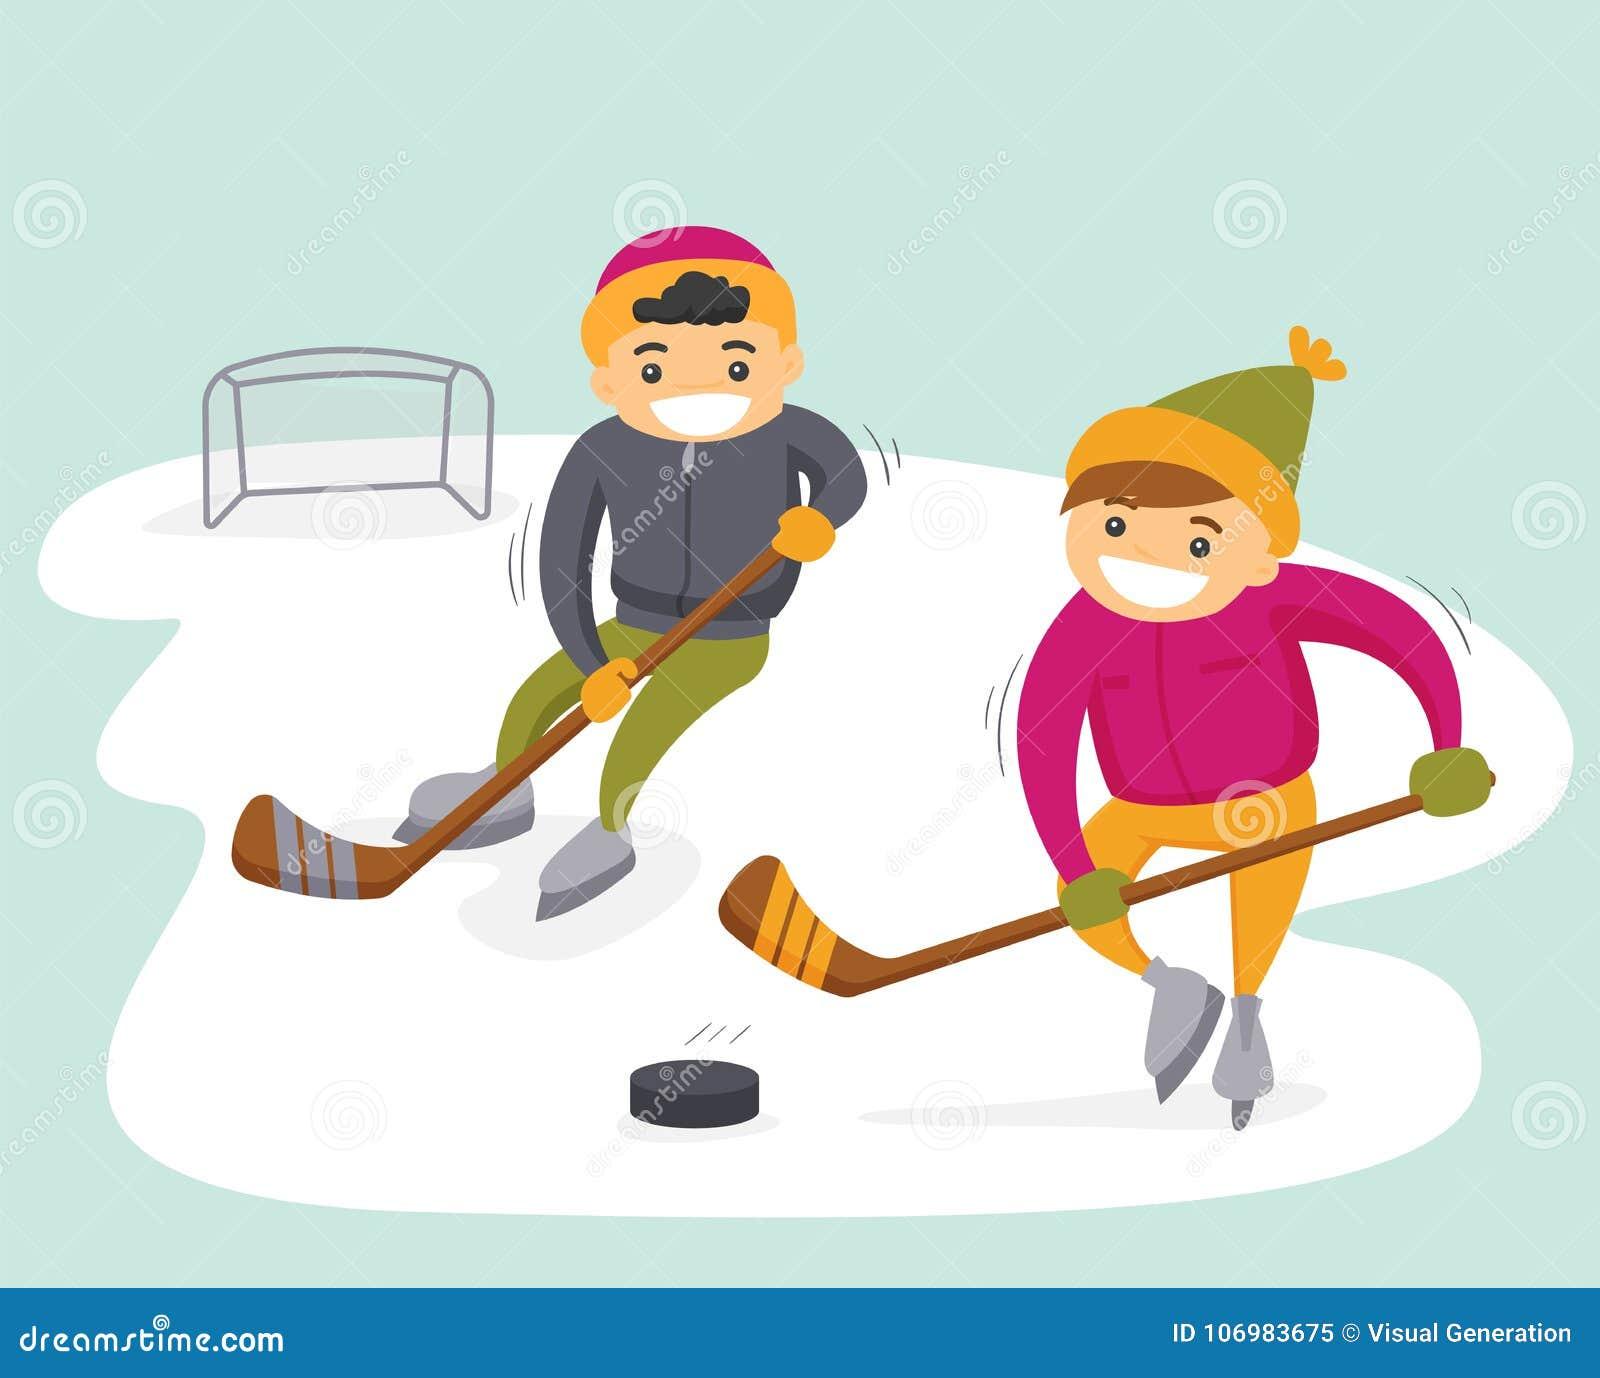 Kaukaskie chłopiec bawić się hokeja na plenerowym lodowisku